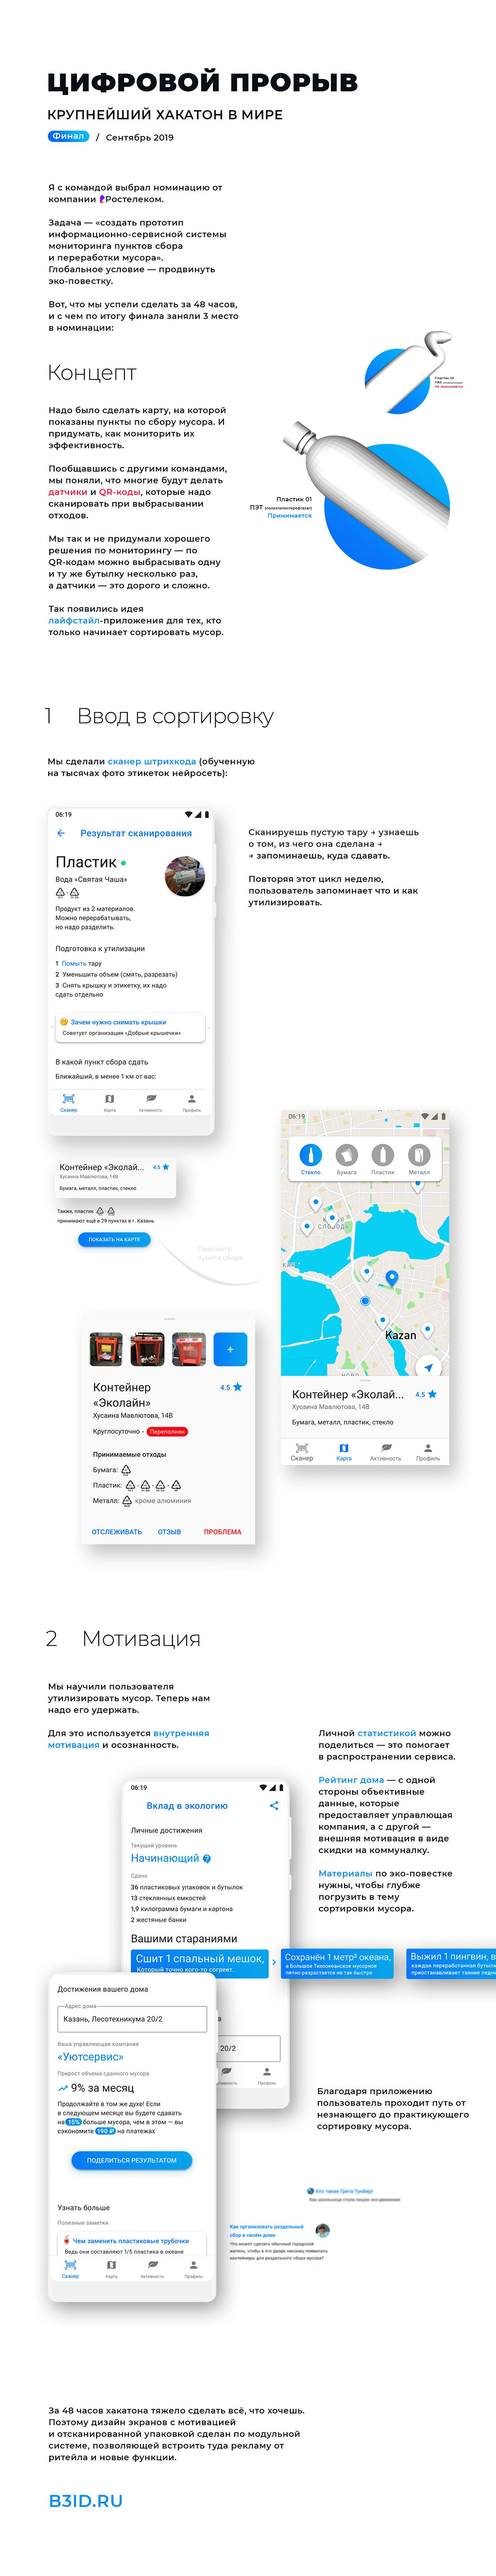 Image may contain: abstract, screenshot and map